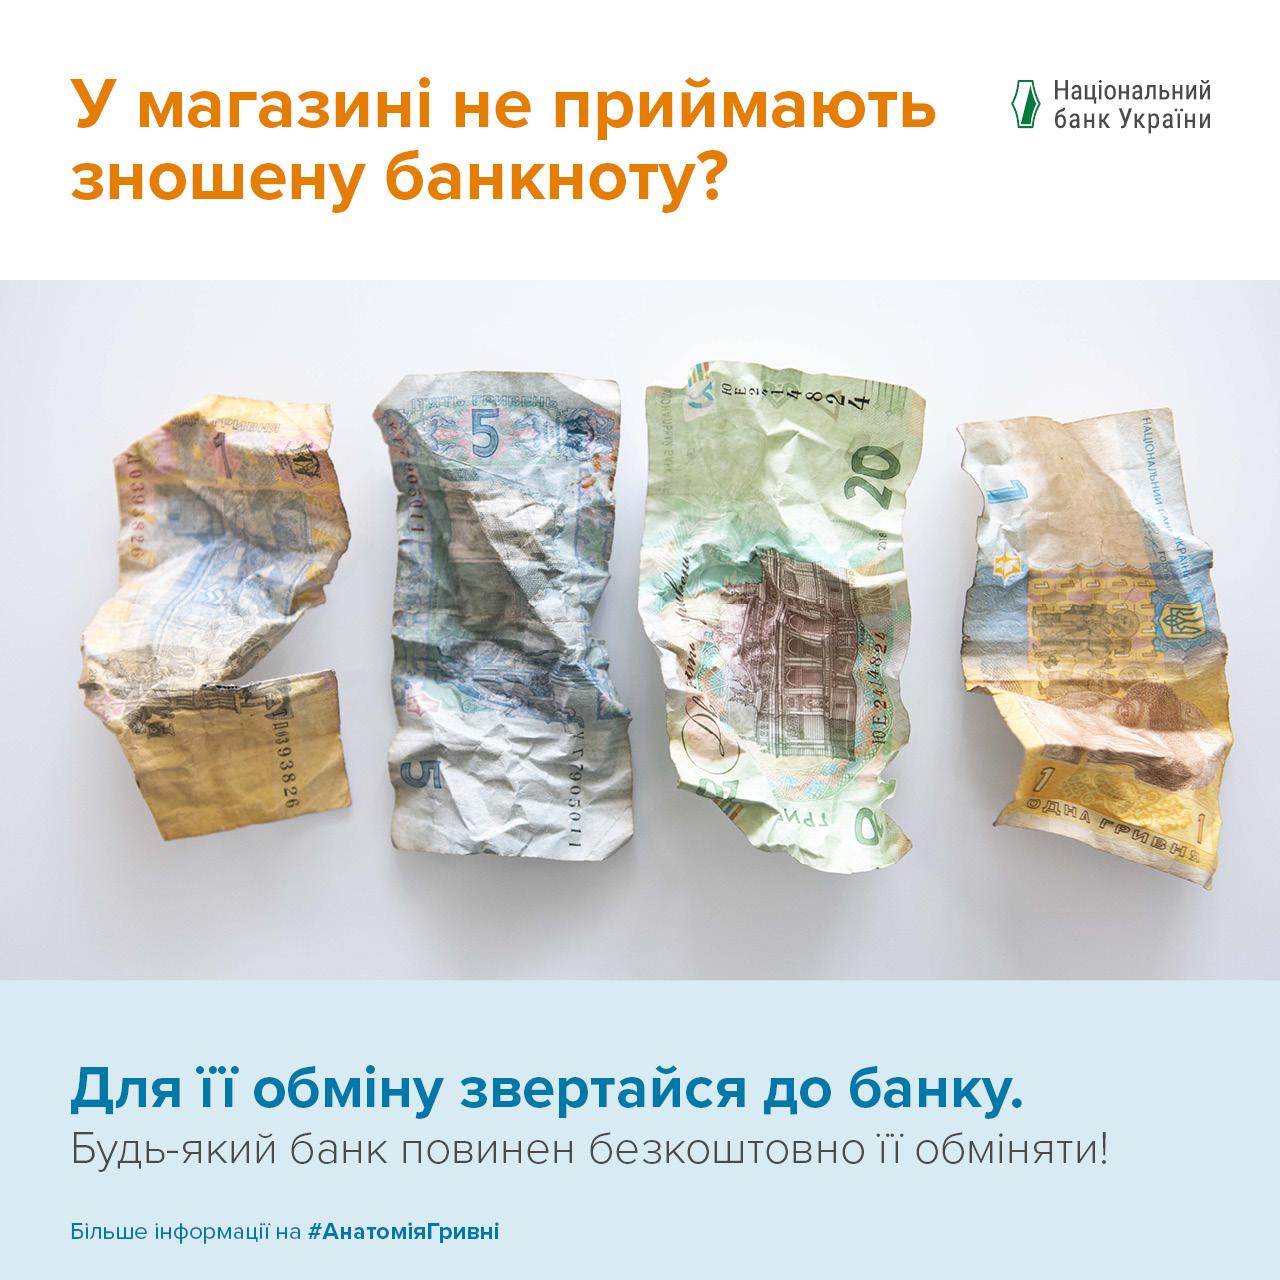 Анатомія гривні - photo 3 - mtb.ua